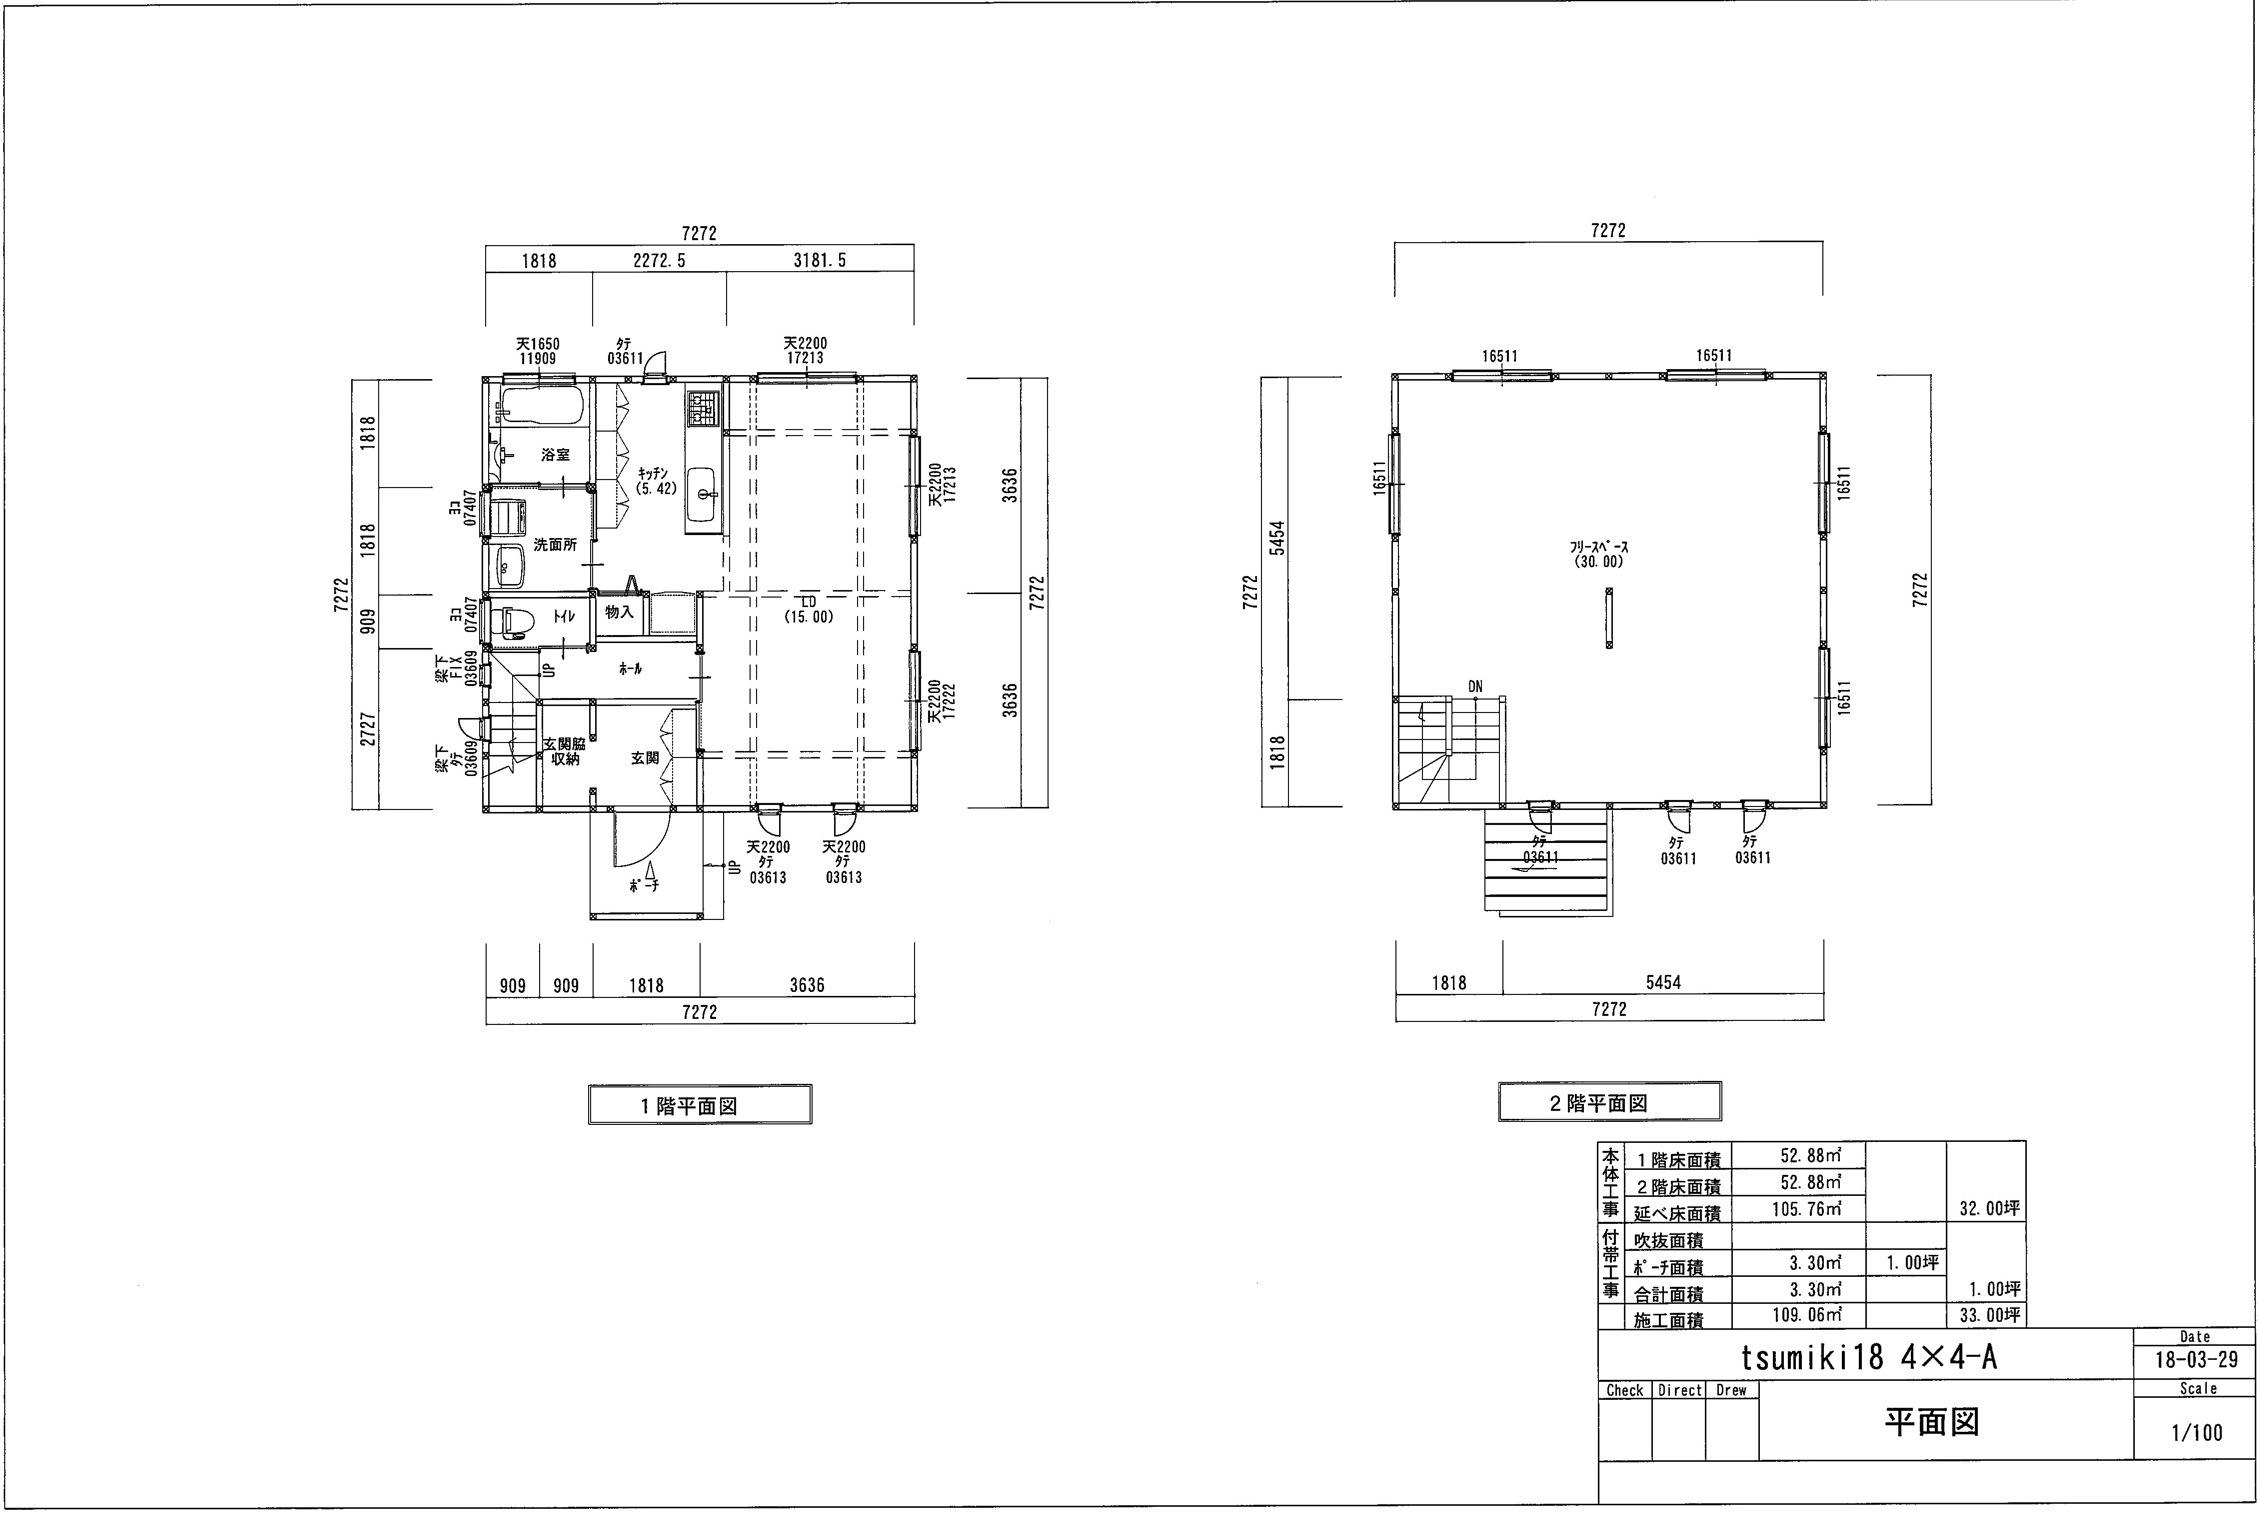 tsumiki 33坪(4×4-A)/1,675万円+税